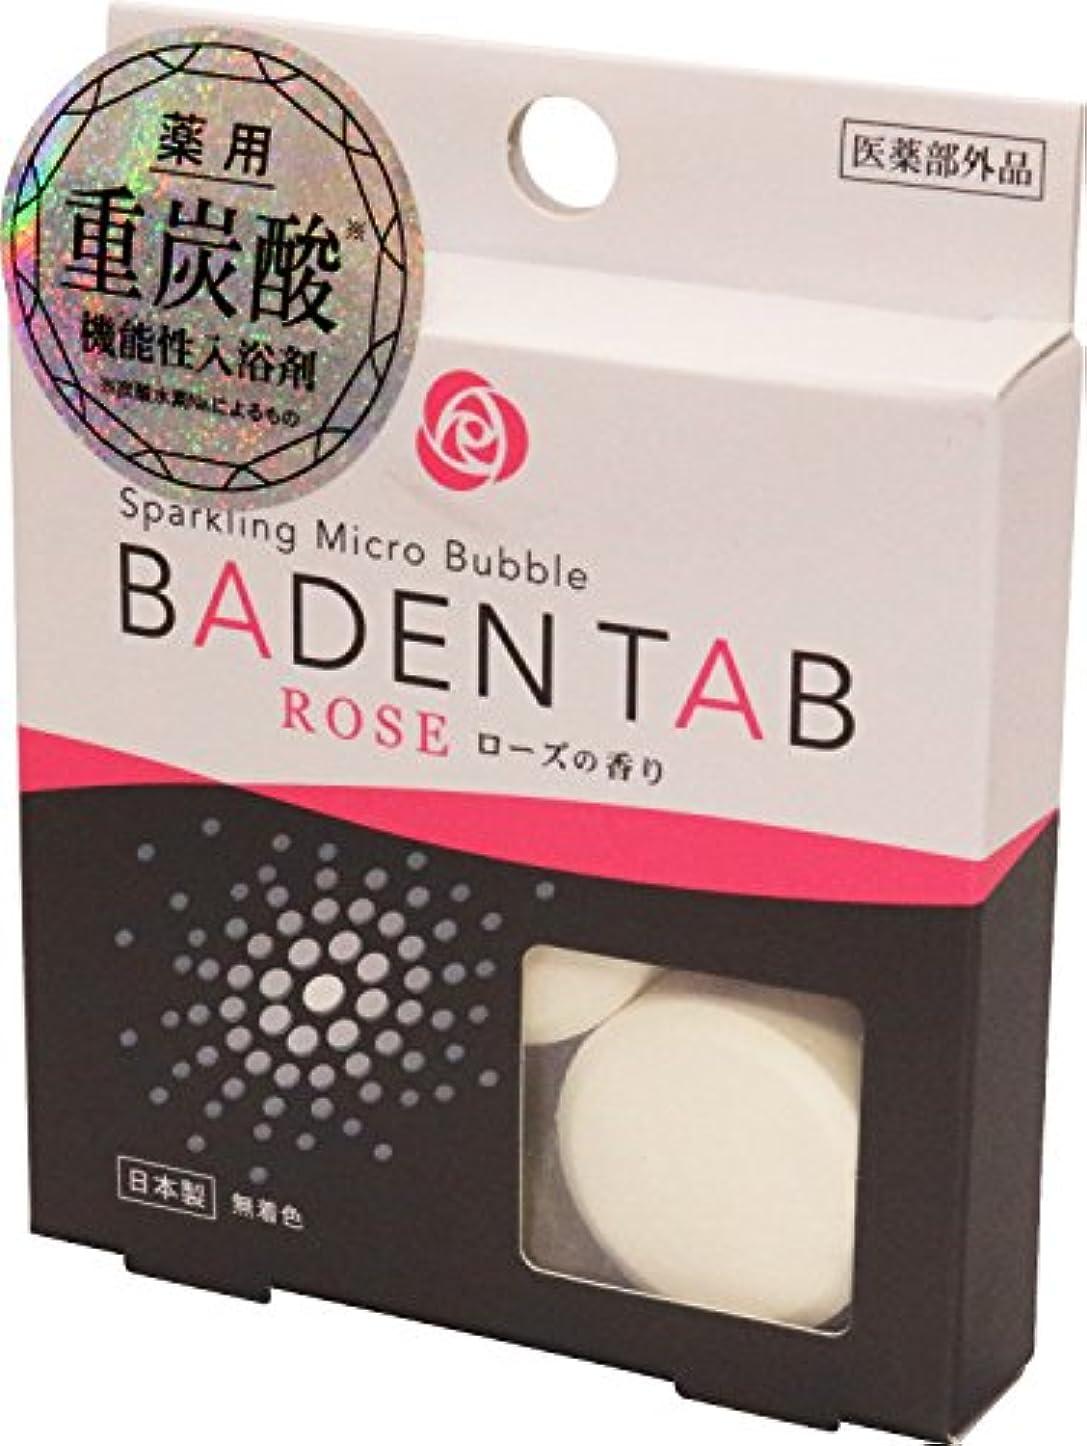 愛人ヘロイン俳句紀陽除虫菊 薬用 重炭酸 機能性入浴剤 バーデンタブ ローズの香り 5錠